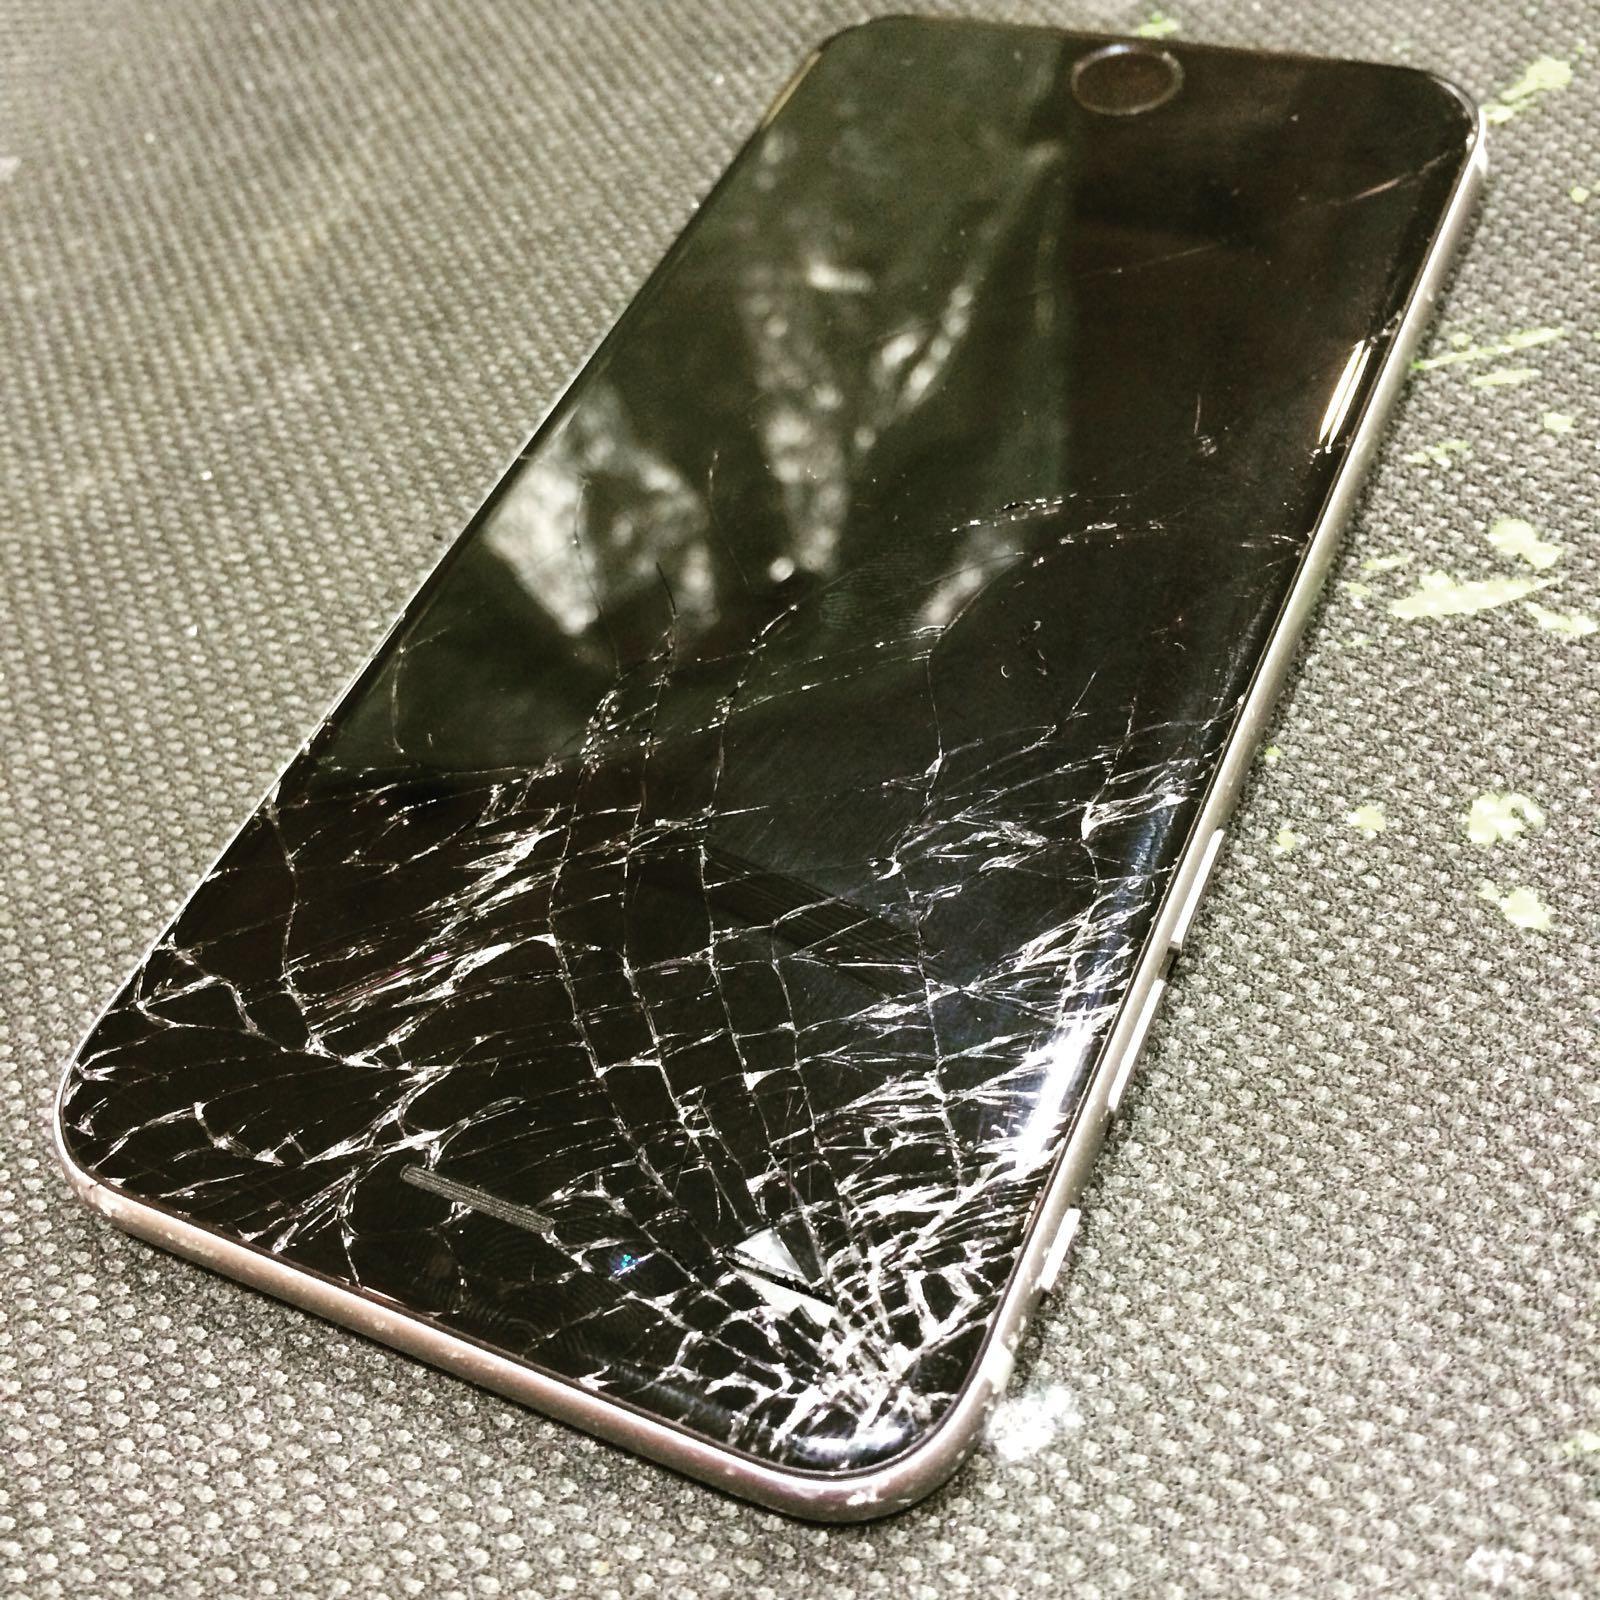 apple iphone 6 screen repair kit